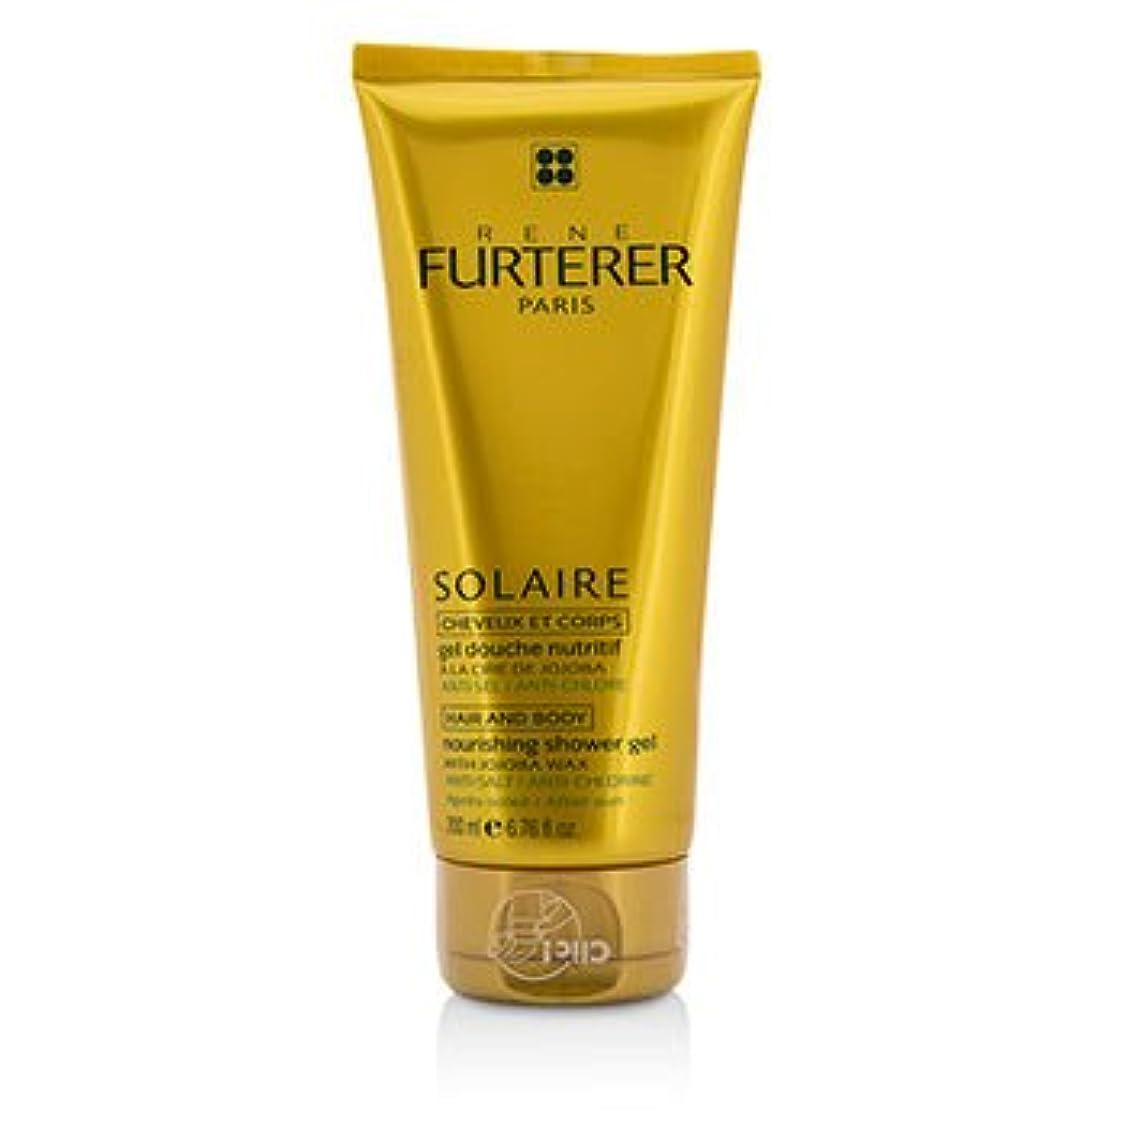 そのブリーフケースしなやか[Rene Furterer] Solaire Nourishing Shower Gel with Jojoba Wax (Hair and Body) 200ml/6.76oz